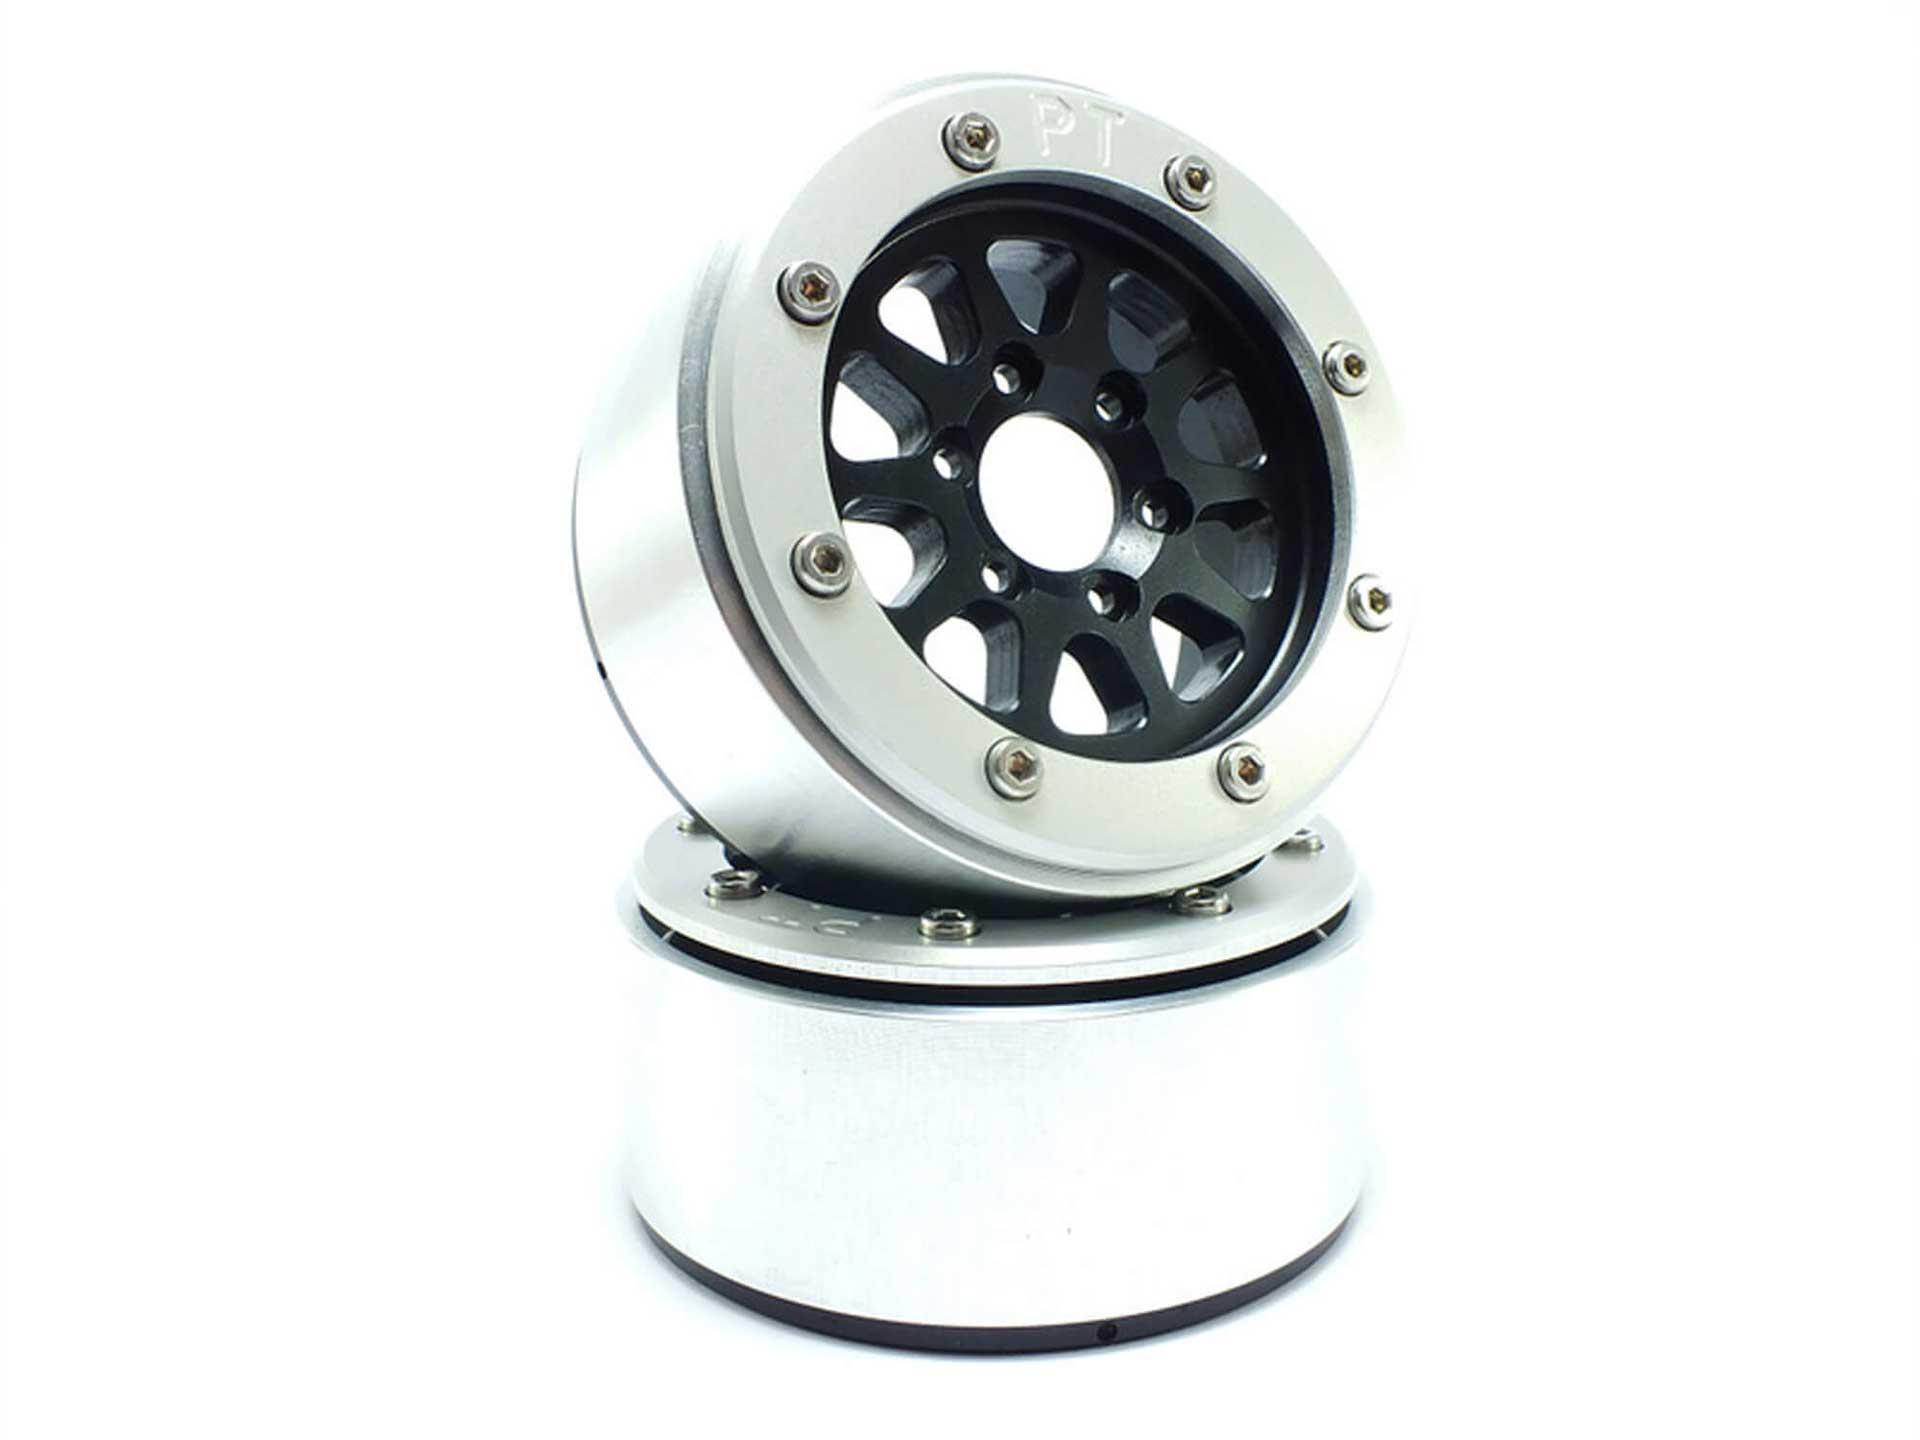 Metsafil Beadlock Wheels GEAR schwarz/silber 1.9 (2 St.) ohne Radnabe